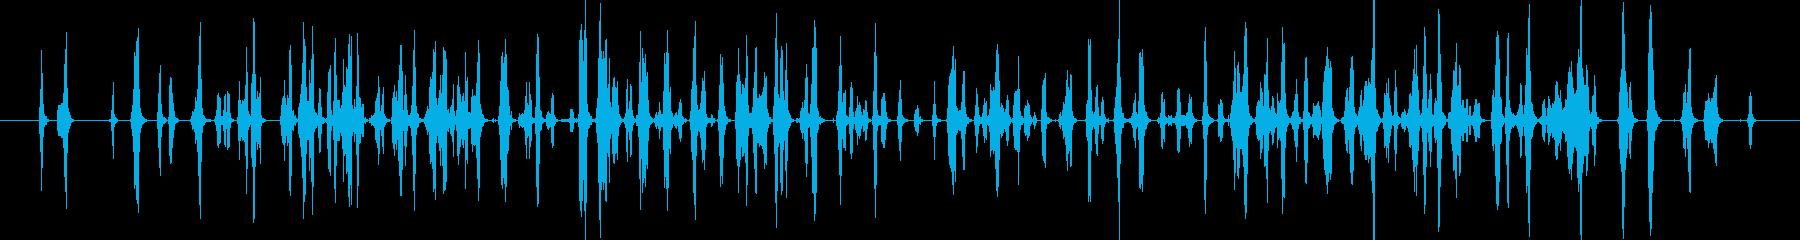 ピピッピピピッ..。小鳥の鳴き声(複数)の再生済みの波形